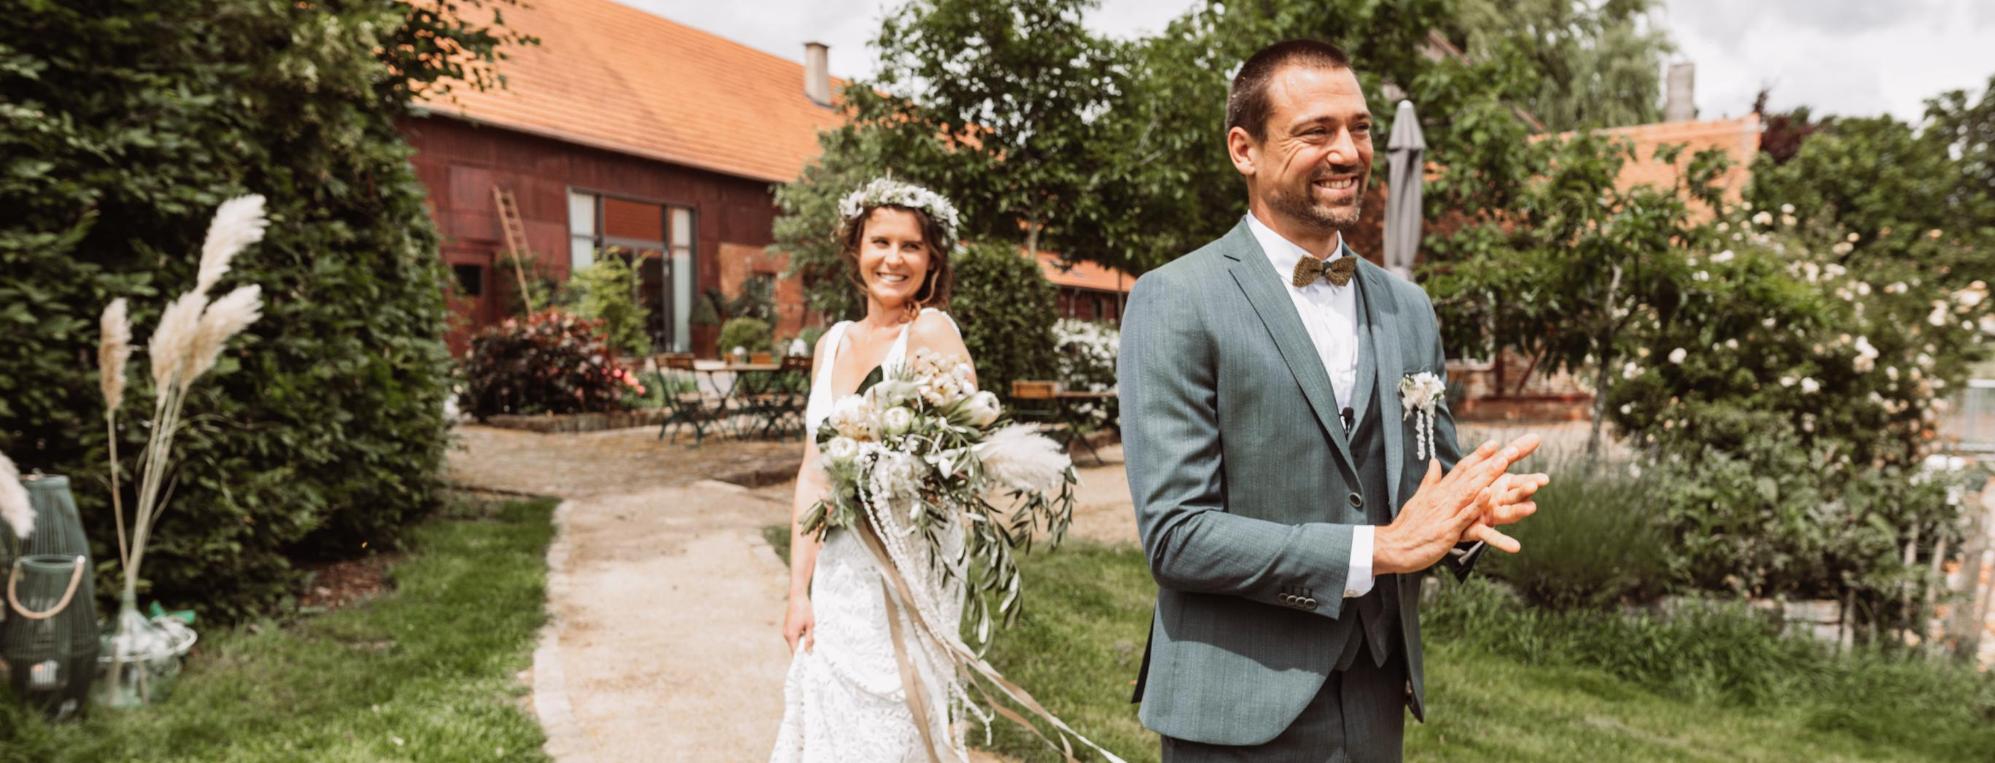 Hochzeit feiern auf dem SippelsHof in Fulda